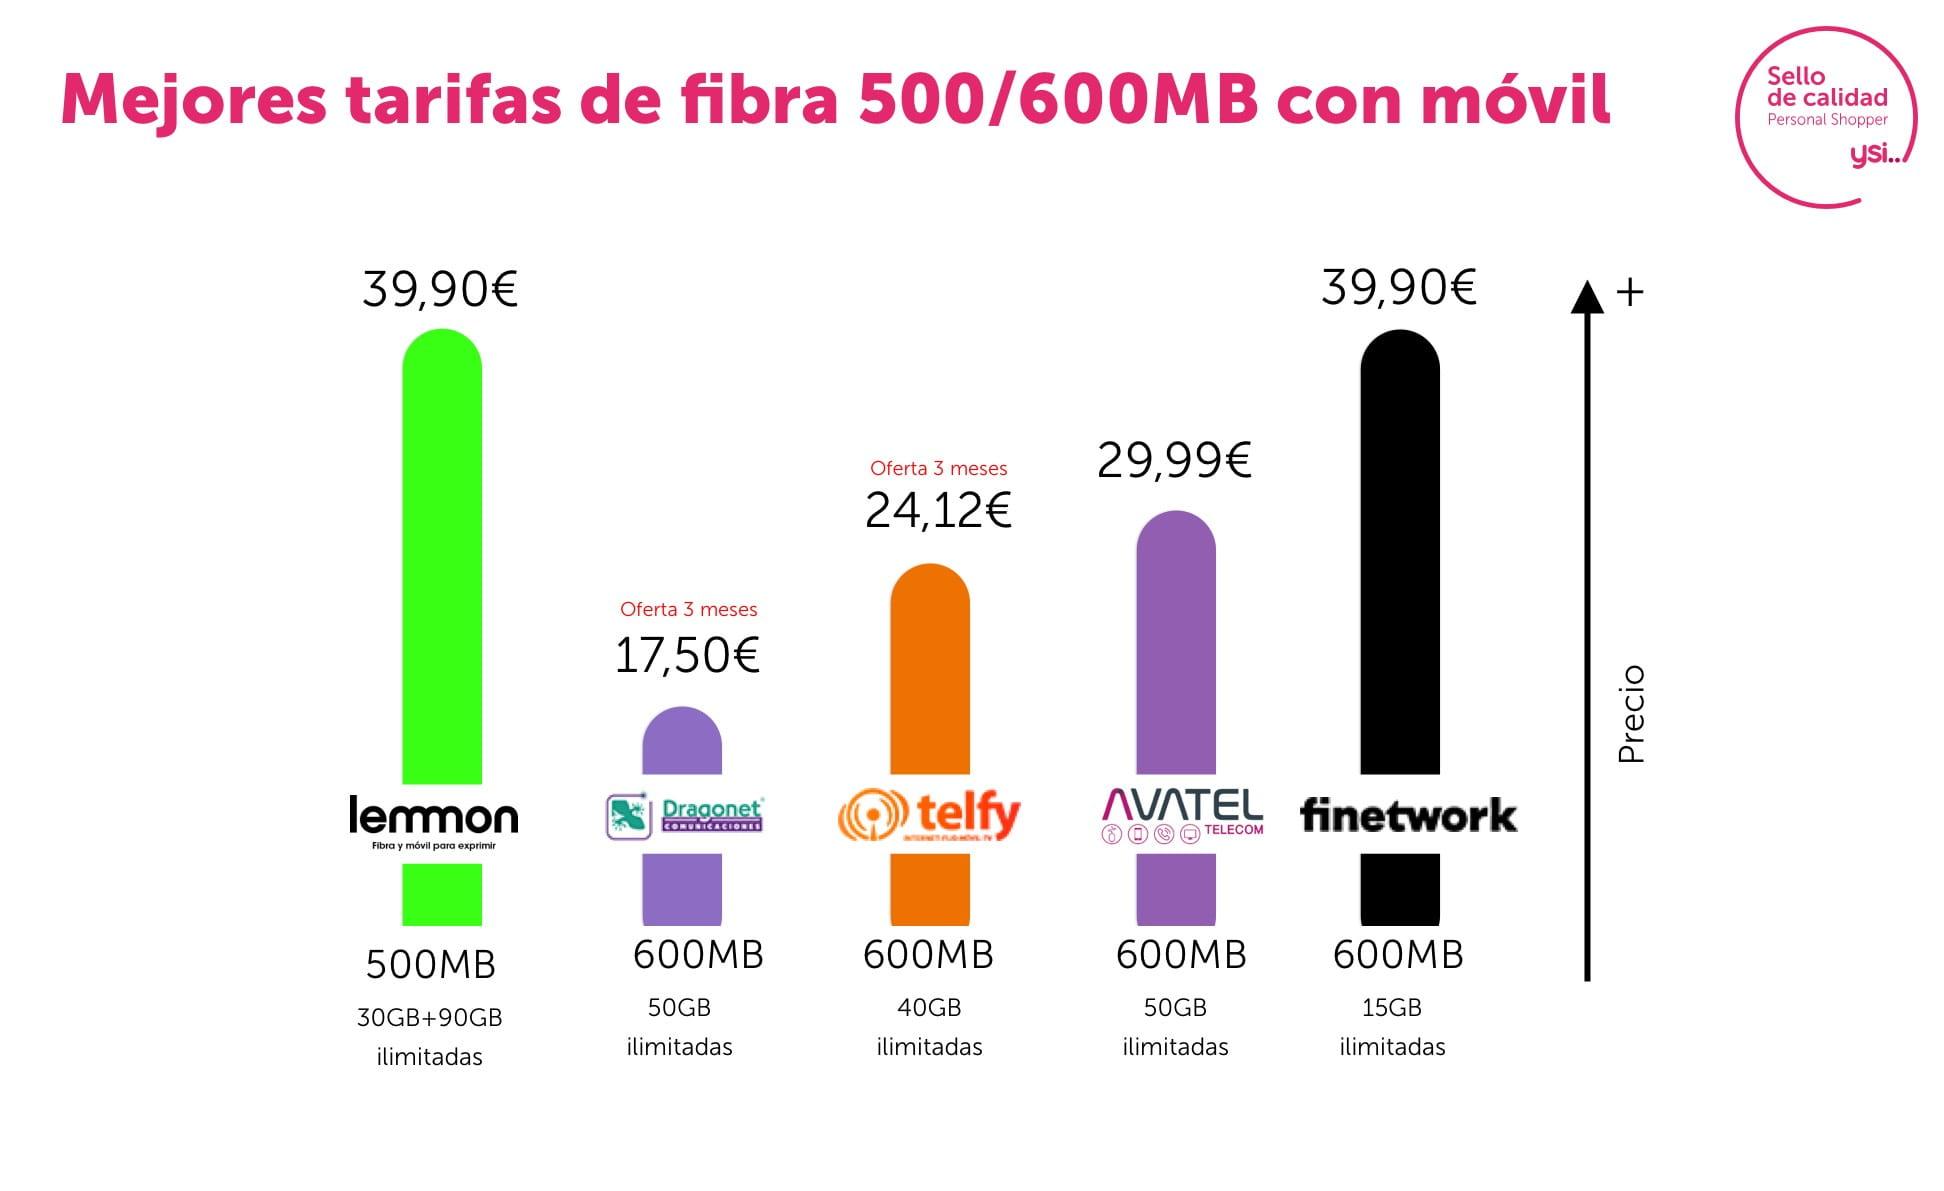 Las mejores combinadas de fibra 600Mb y móvil